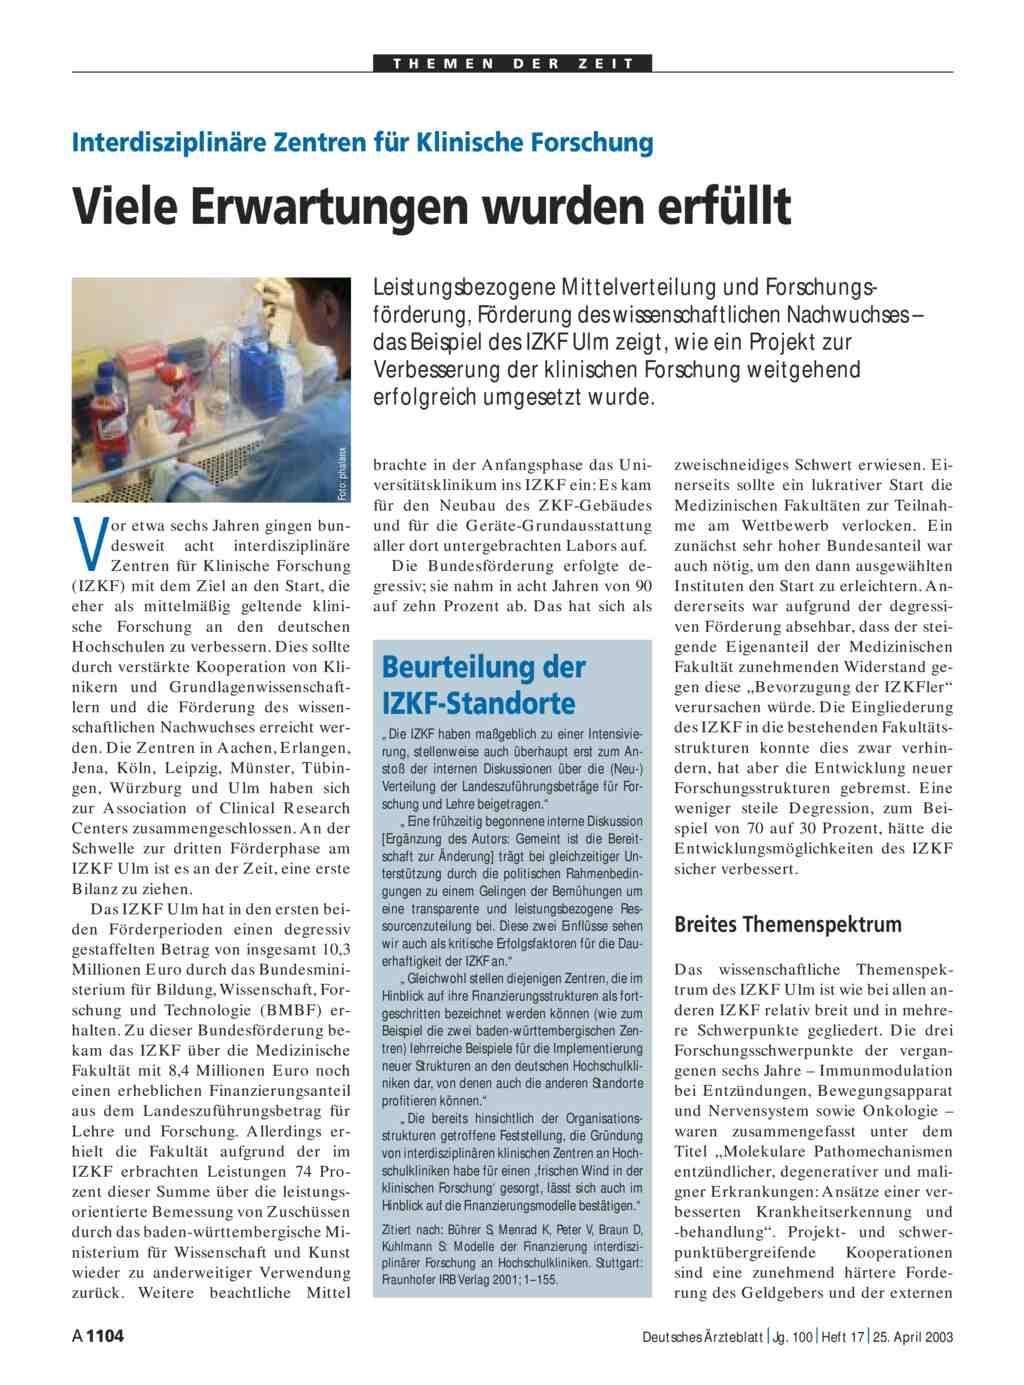 Interdisziplinäre Zentren für Klinische Forschung: Viele Erwartungen ...